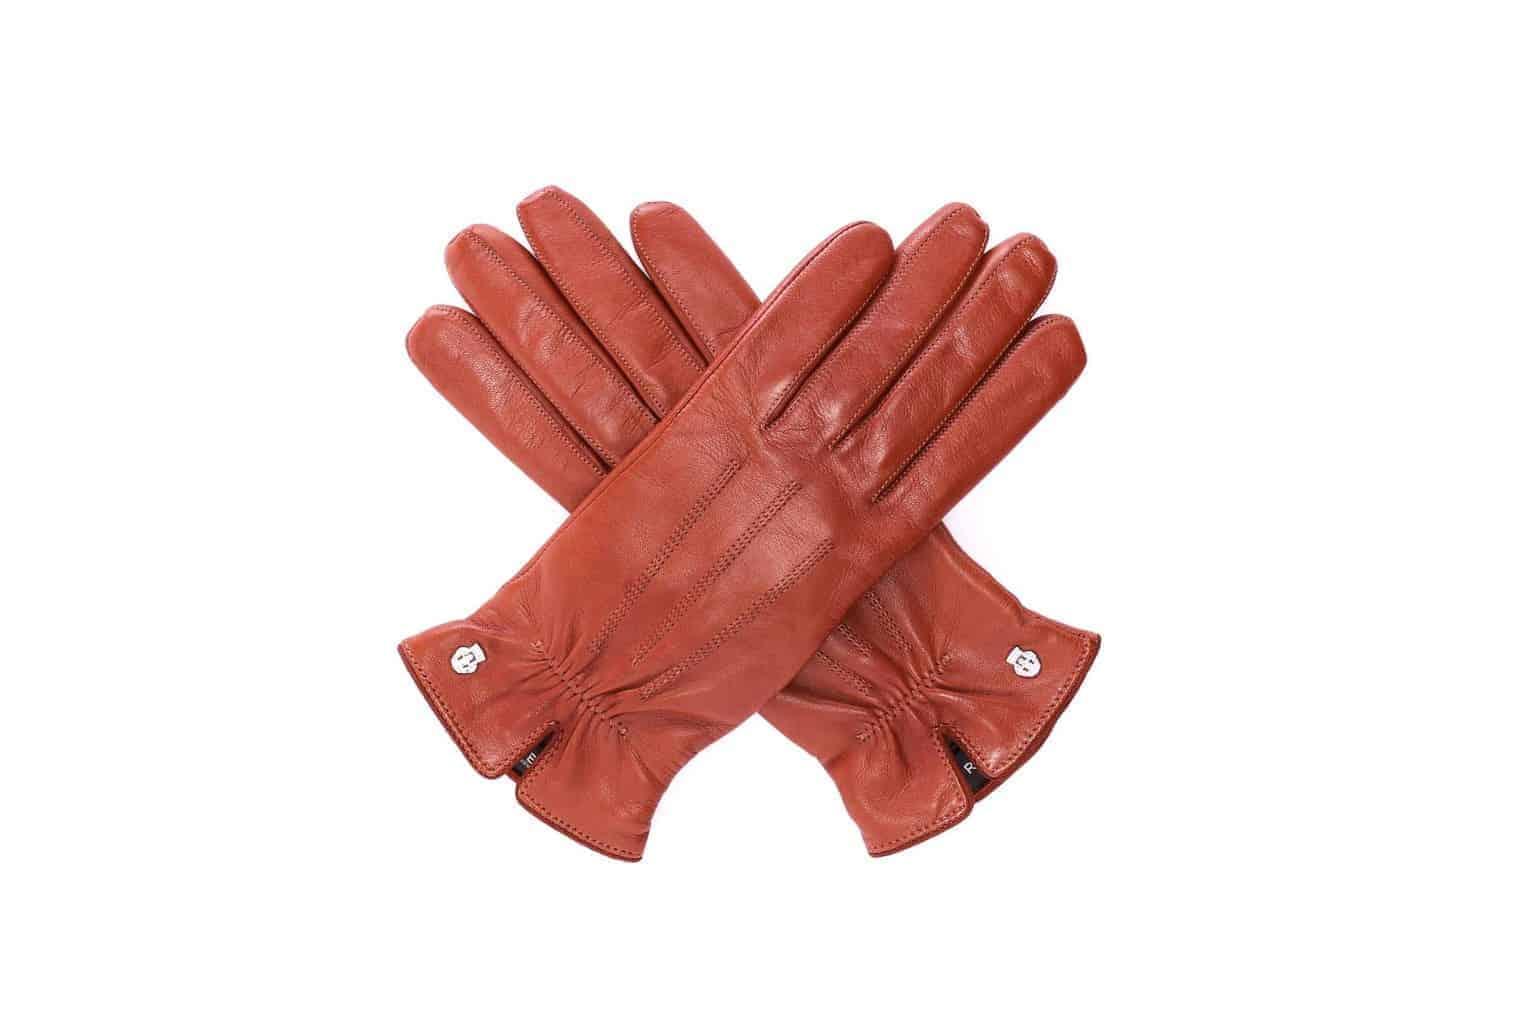 Eksklusive Roeckl-hansker til dame i lammeskinn 13011, kork brun saddle brown, oversiden av hanskene, i kryss